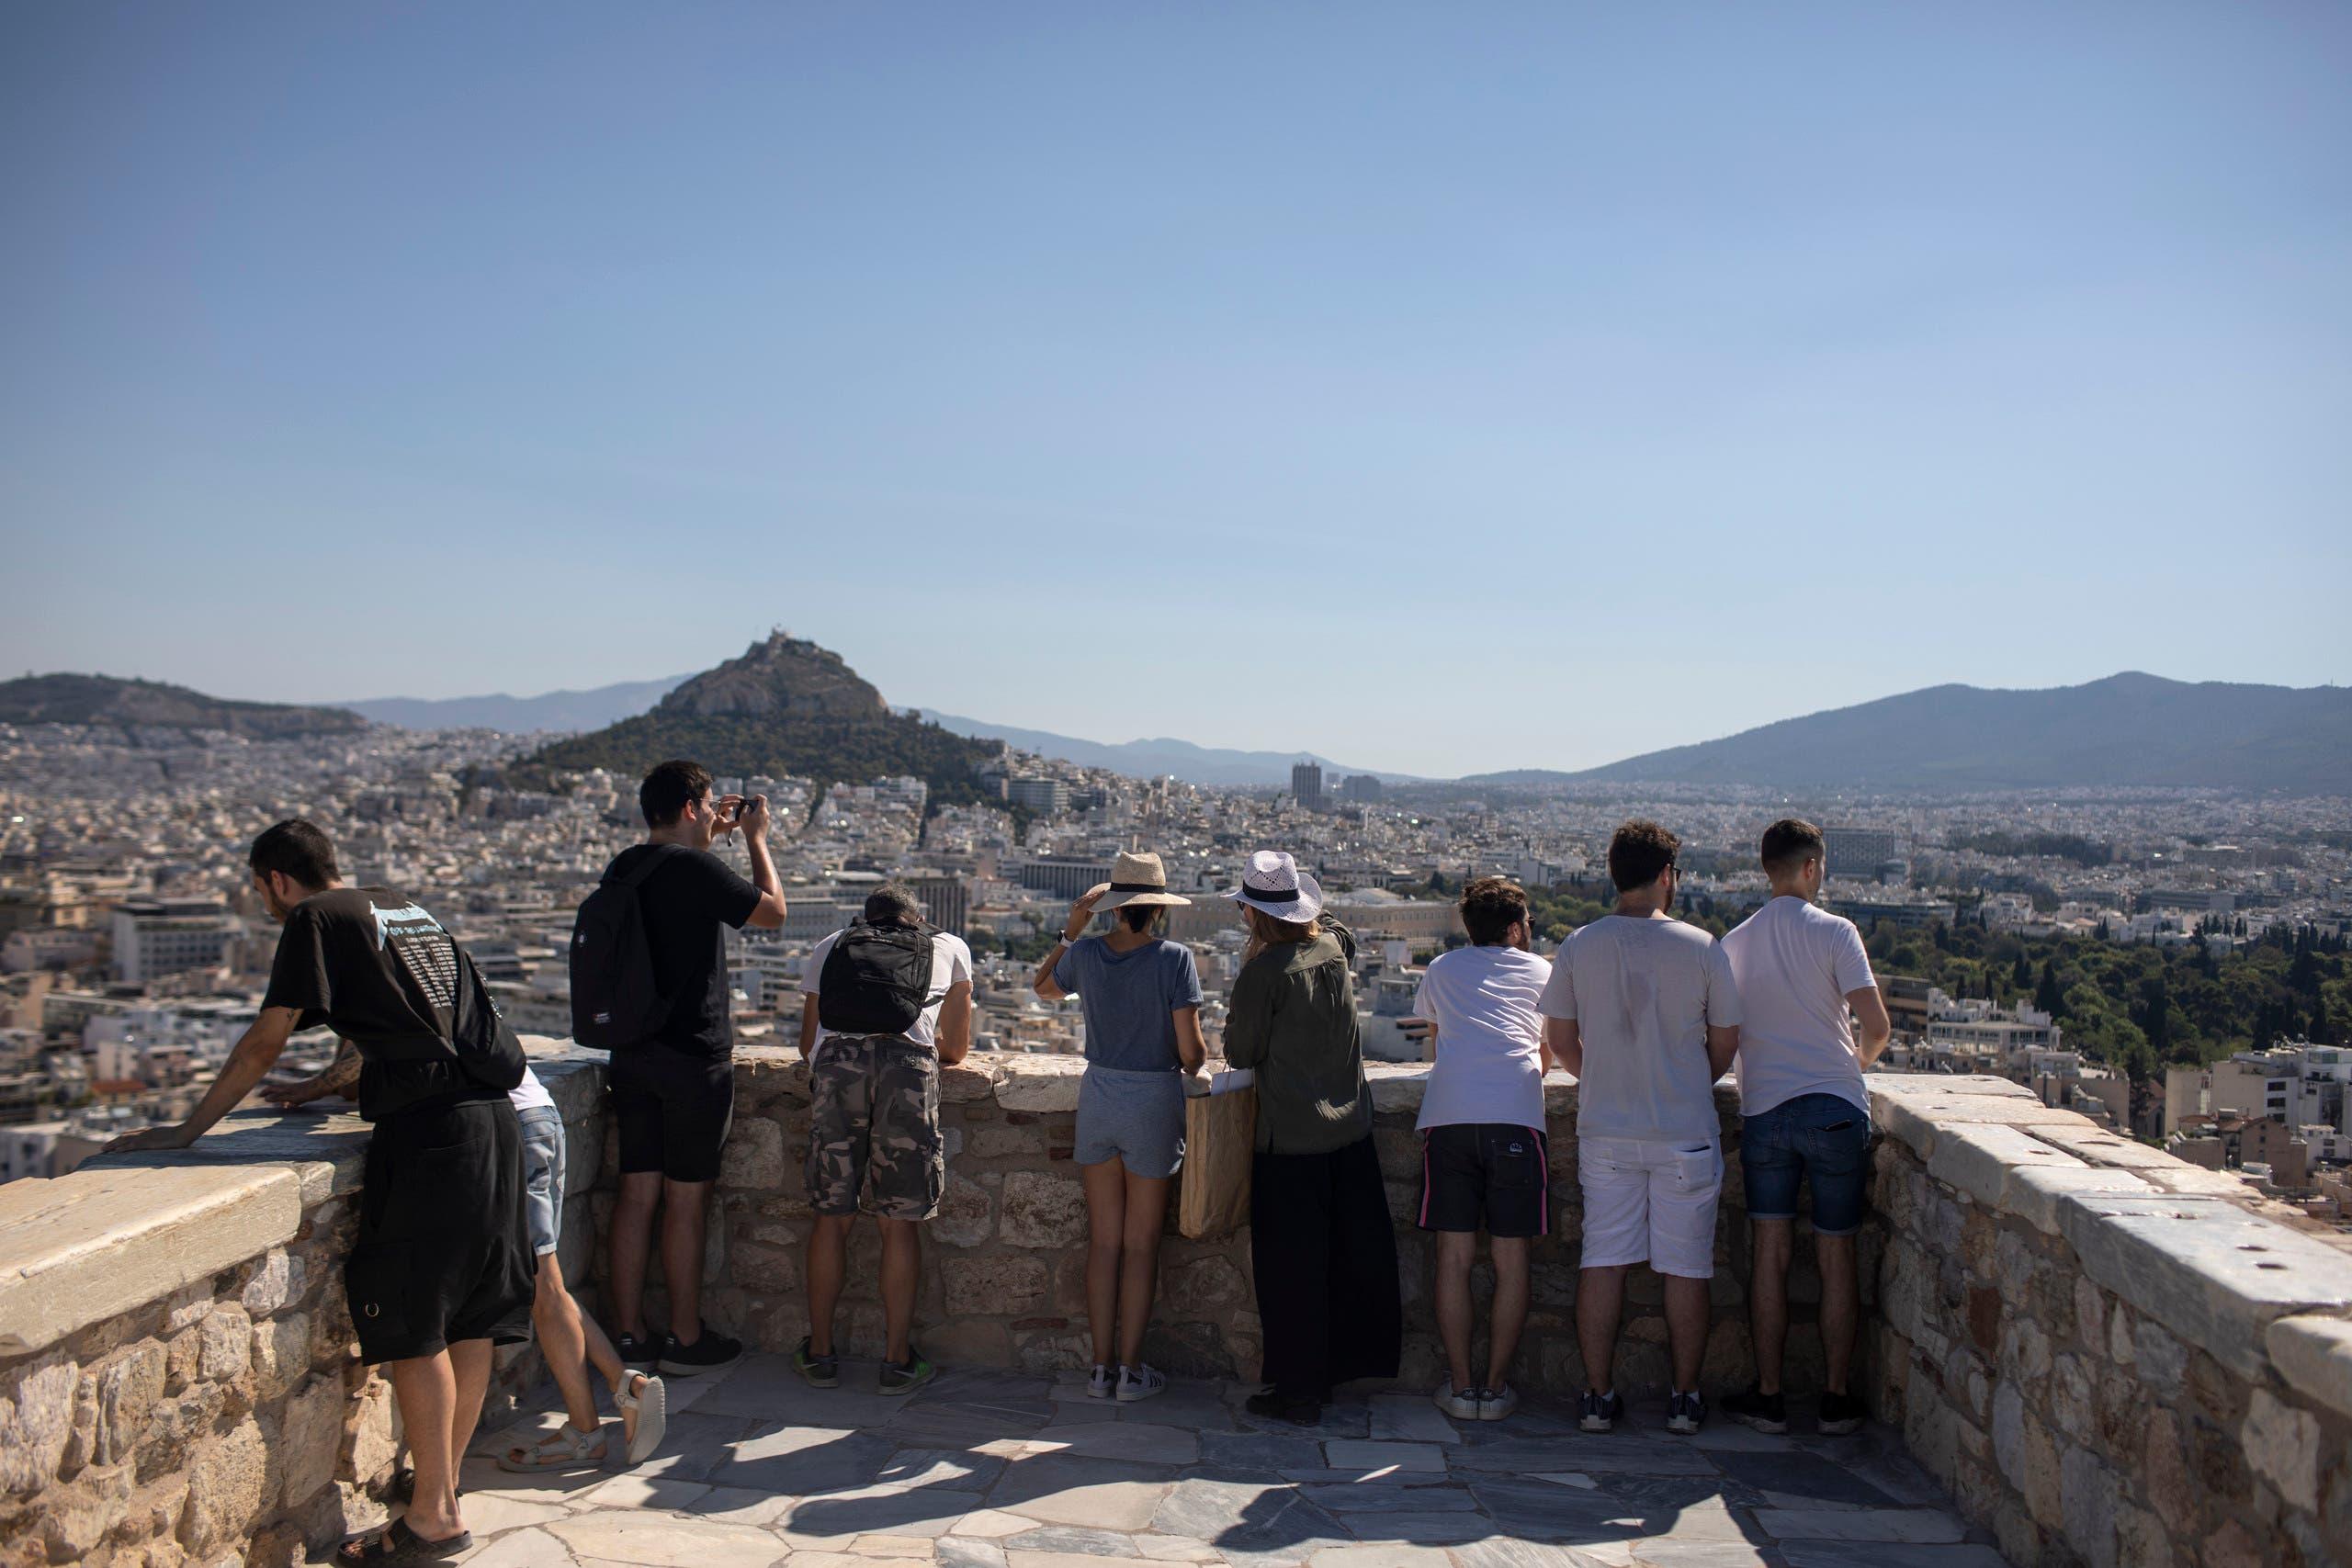 اكتظاظ معالم أثينا بالسياح الأسبوع الماضي